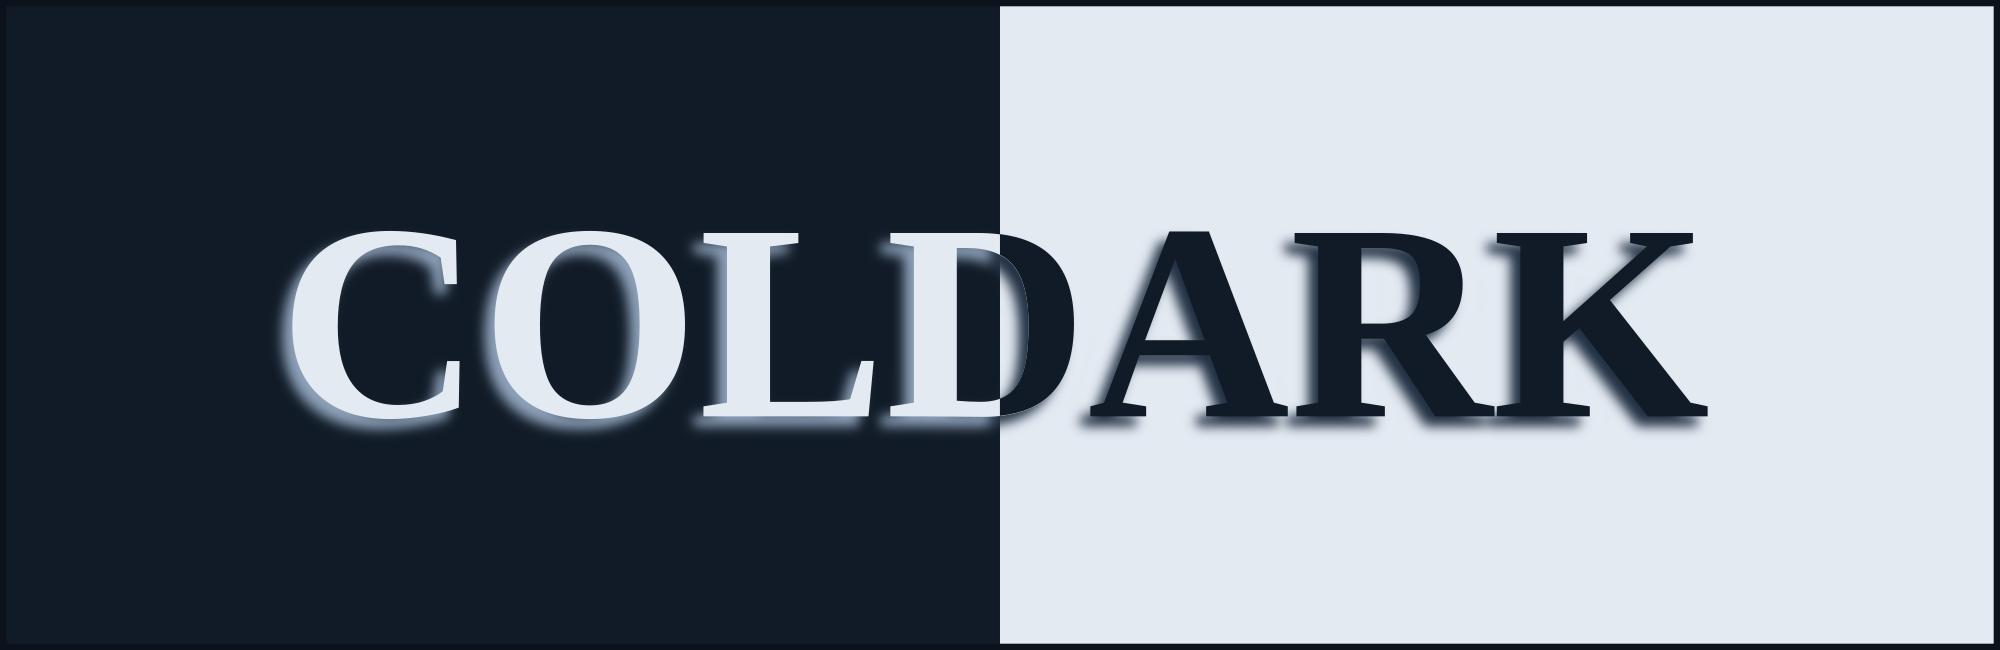 Coldark Banner